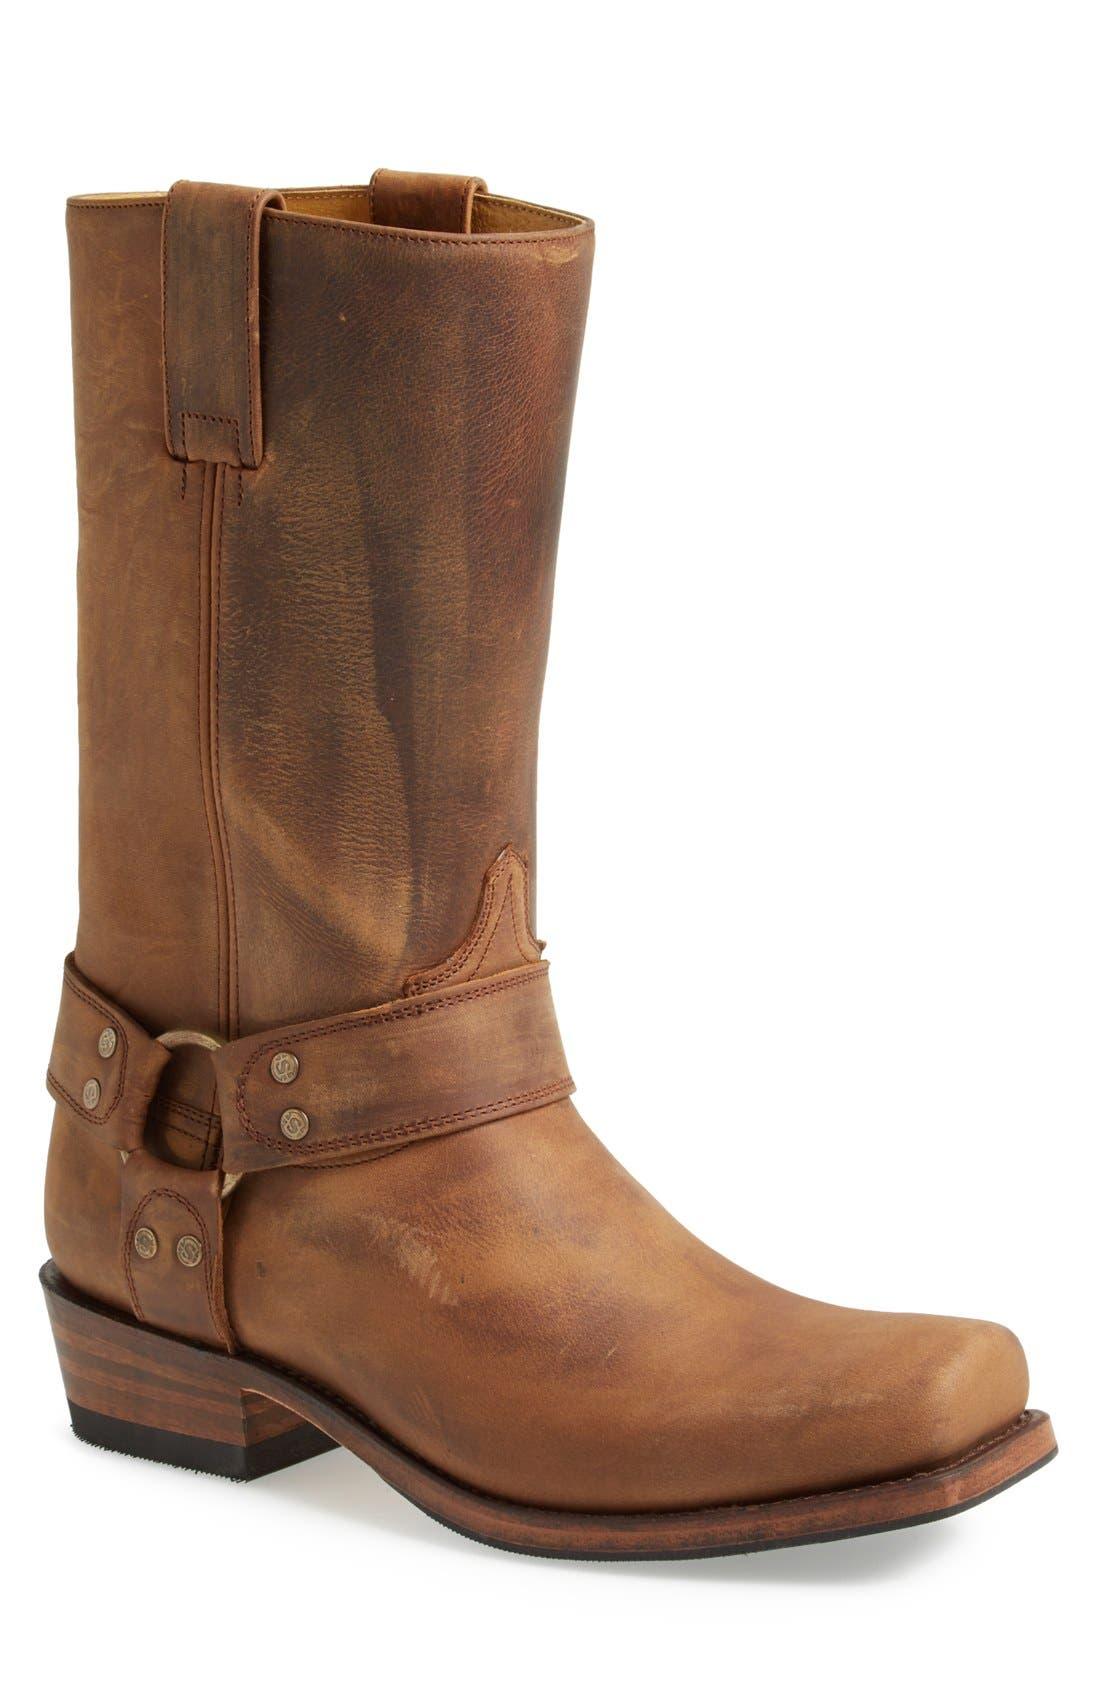 Boots Tall Harness Boot,                             Main thumbnail 1, color,                             TAN